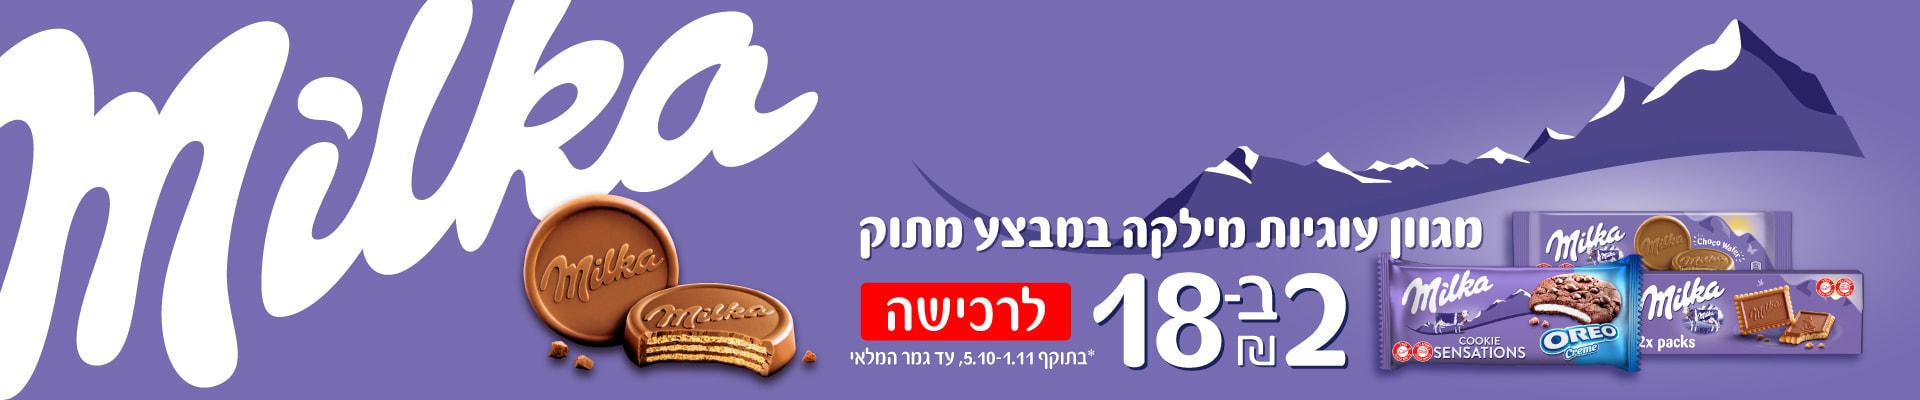 מגון עוגיות מילקה במבצע מתוק 2 ב-18 ₪. בתוקף עד 1.11.21